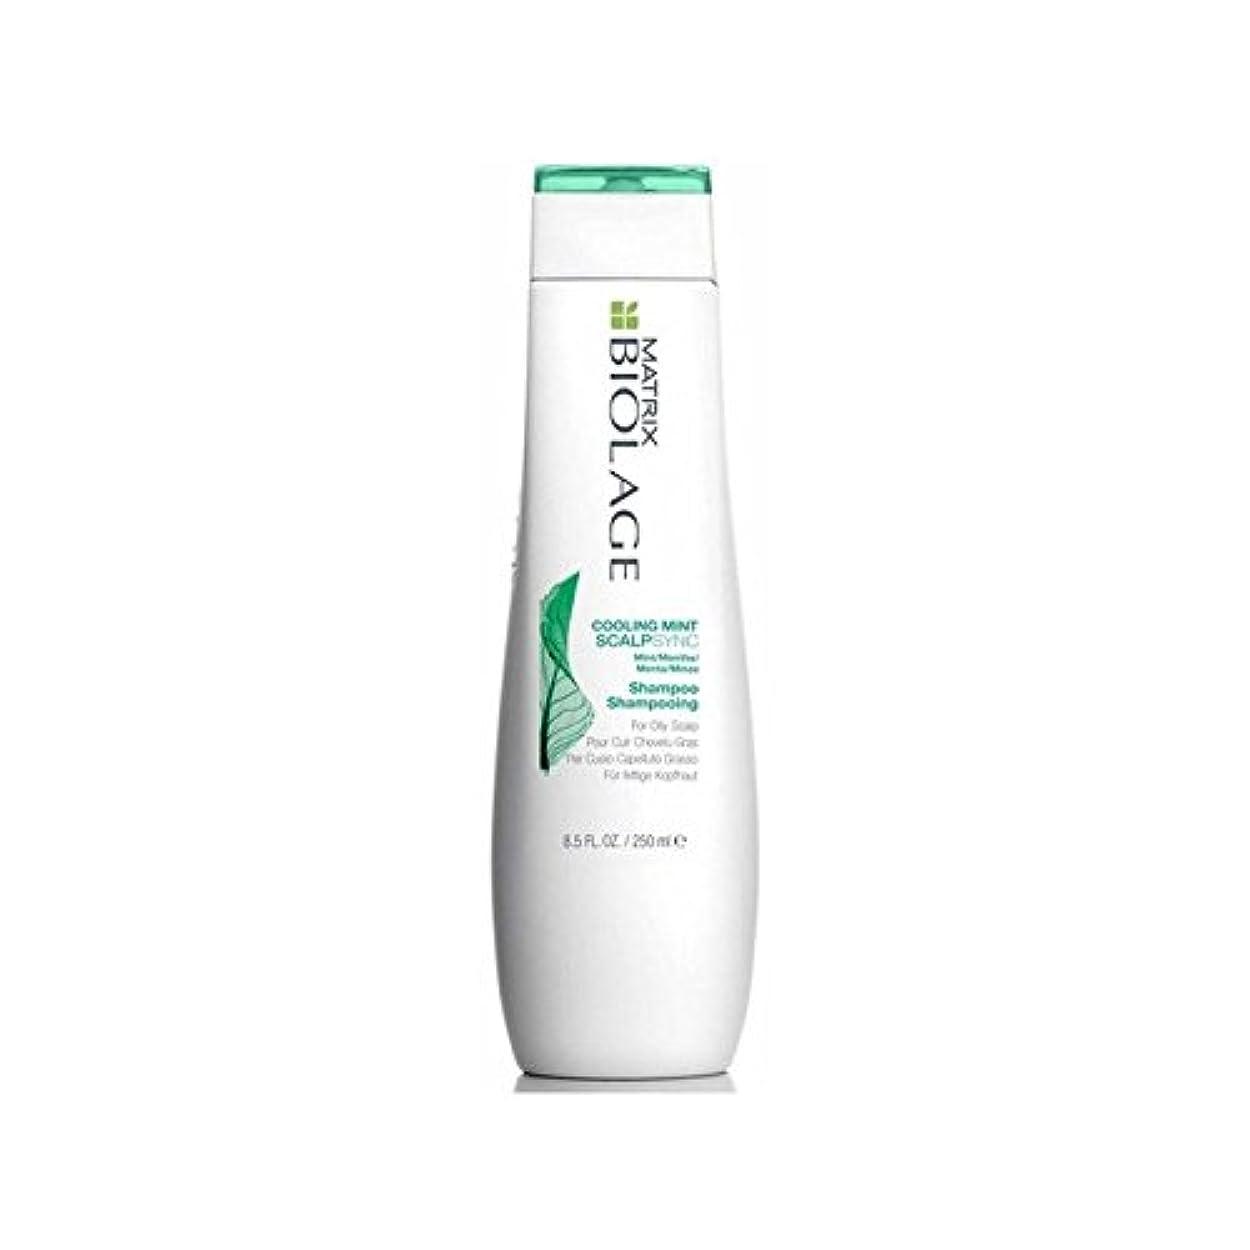 使い込む経度ナインへMatrix Biolage Scalptherapie Scalp Cooling Mint Shampoo (250ml) - ミントシャンプー(250ミリリットル)を冷却マトリックスバイオレイジの頭皮 [並行輸入品]